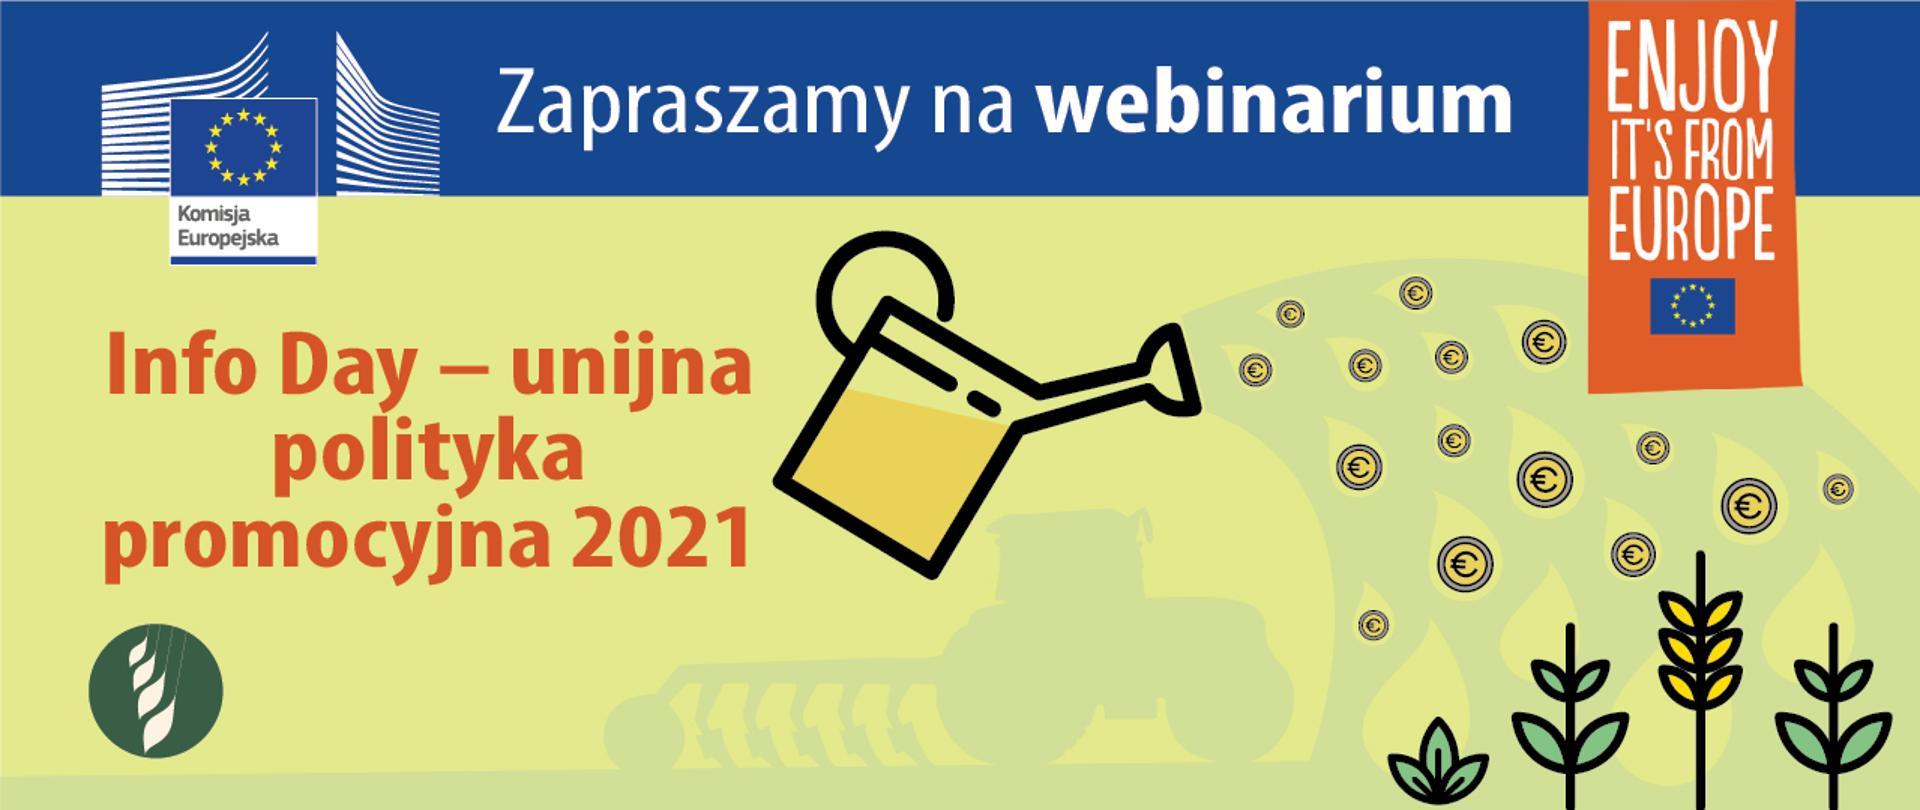 Info Day – unijna polityka promocyjna 2021